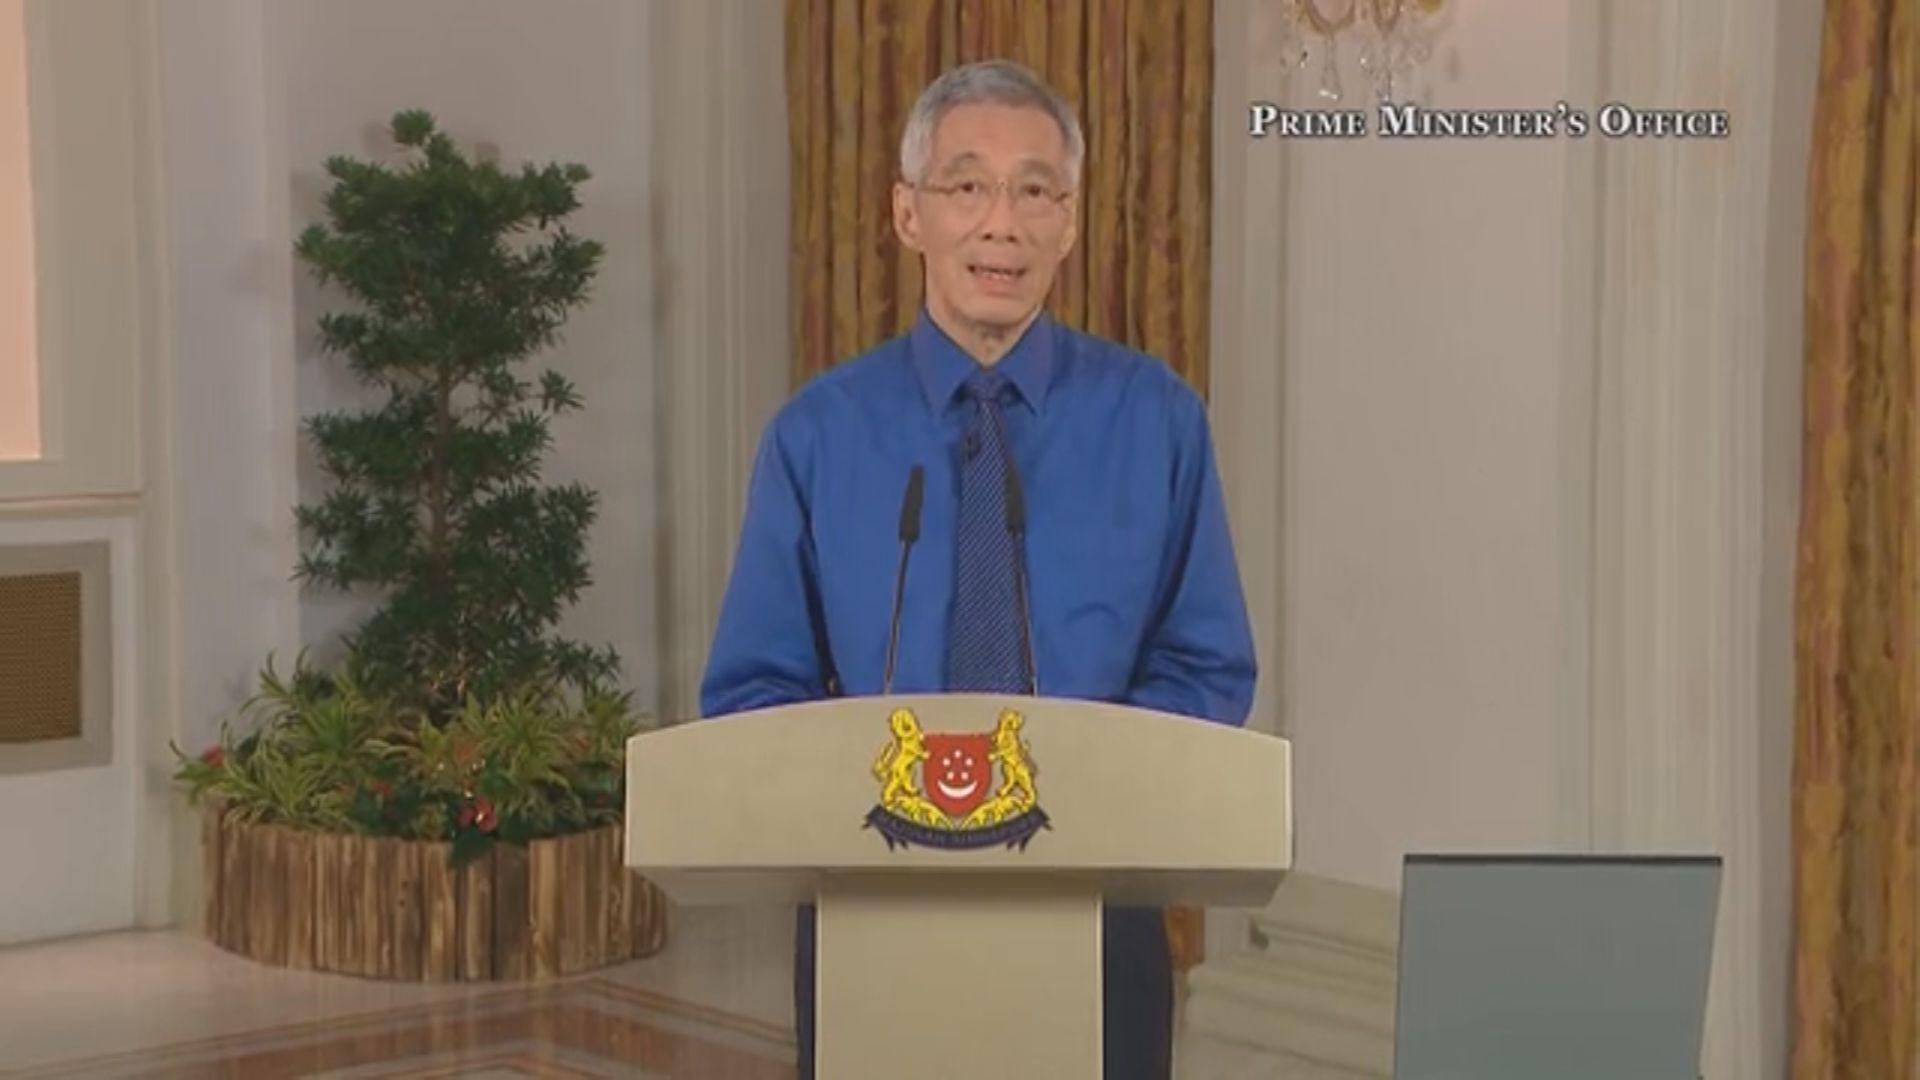 連續兩日新增逾千確診 新加坡萬名外勞搬離宿舍做檢測